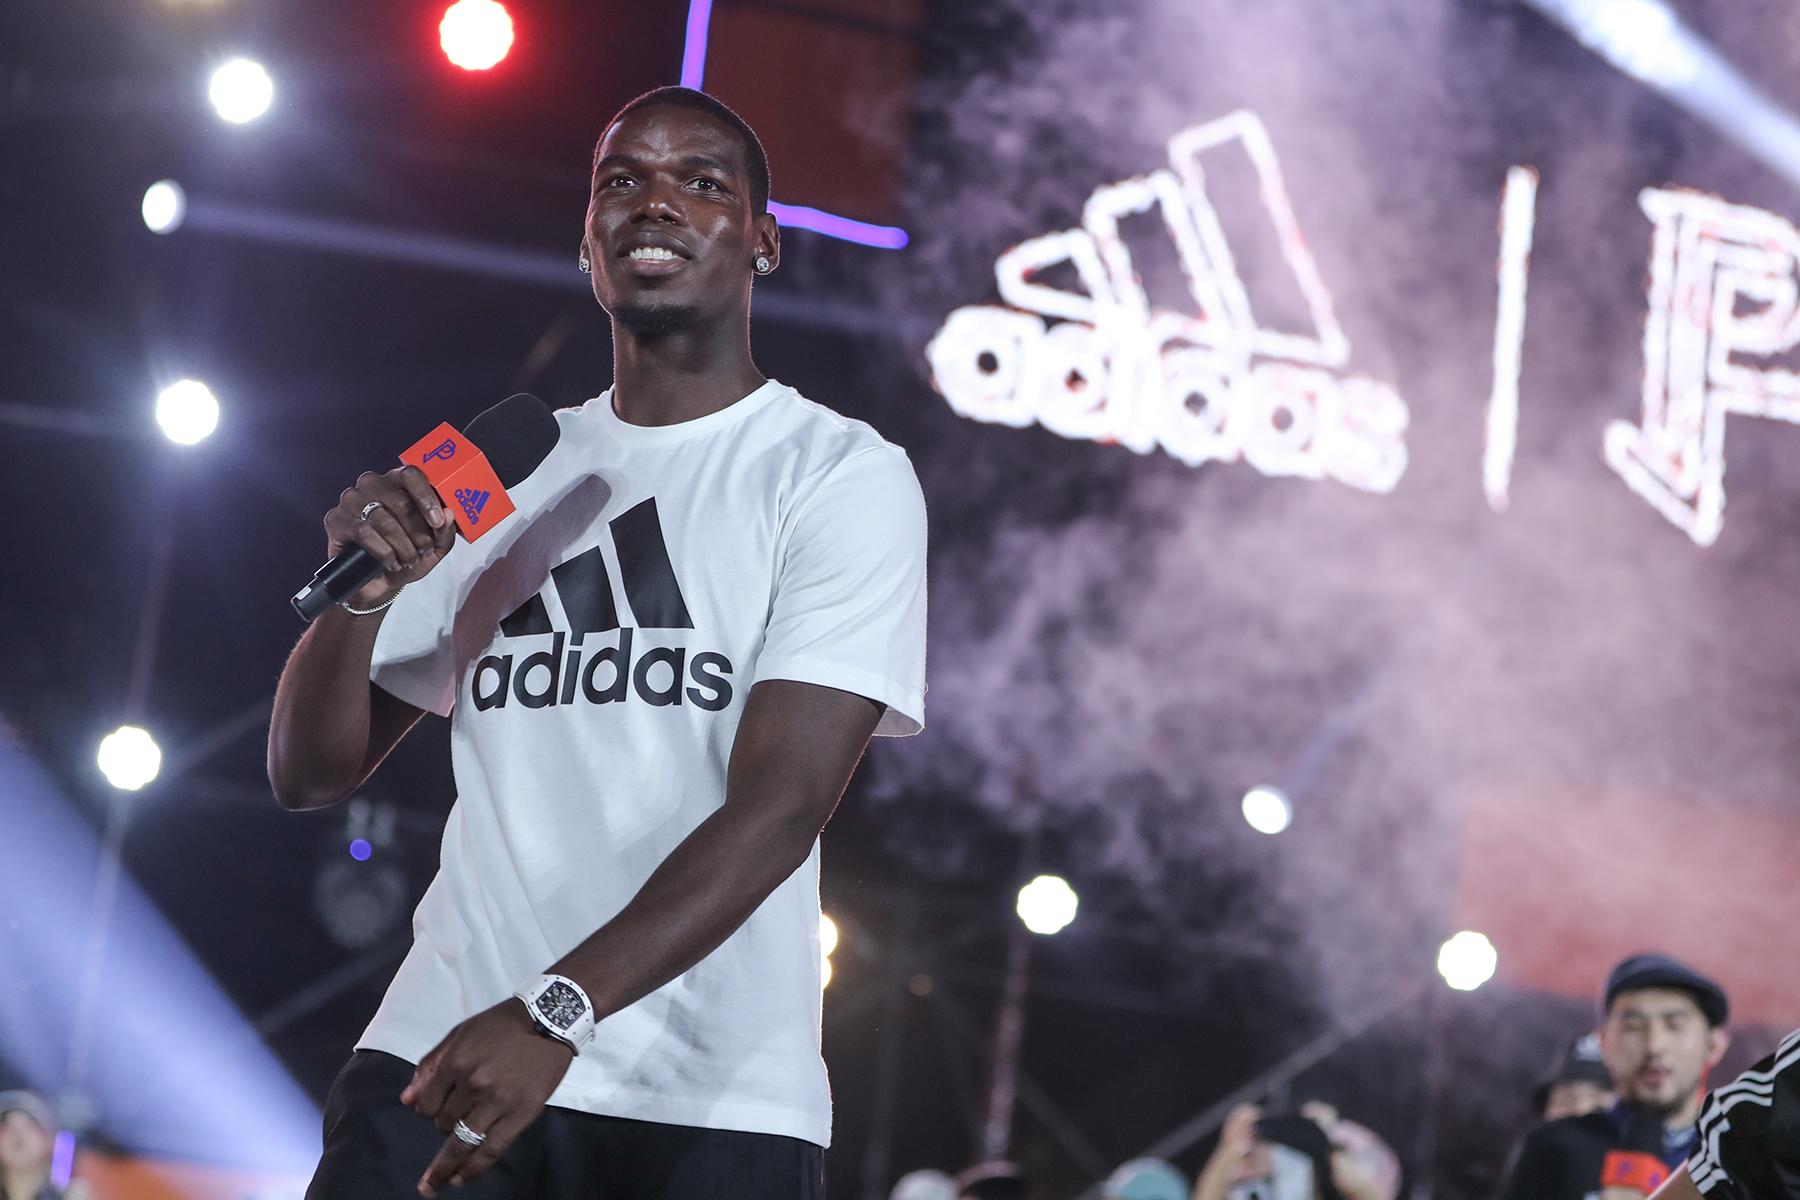 直击 adidas「夏练国度」Paul Pogba 中国行现场